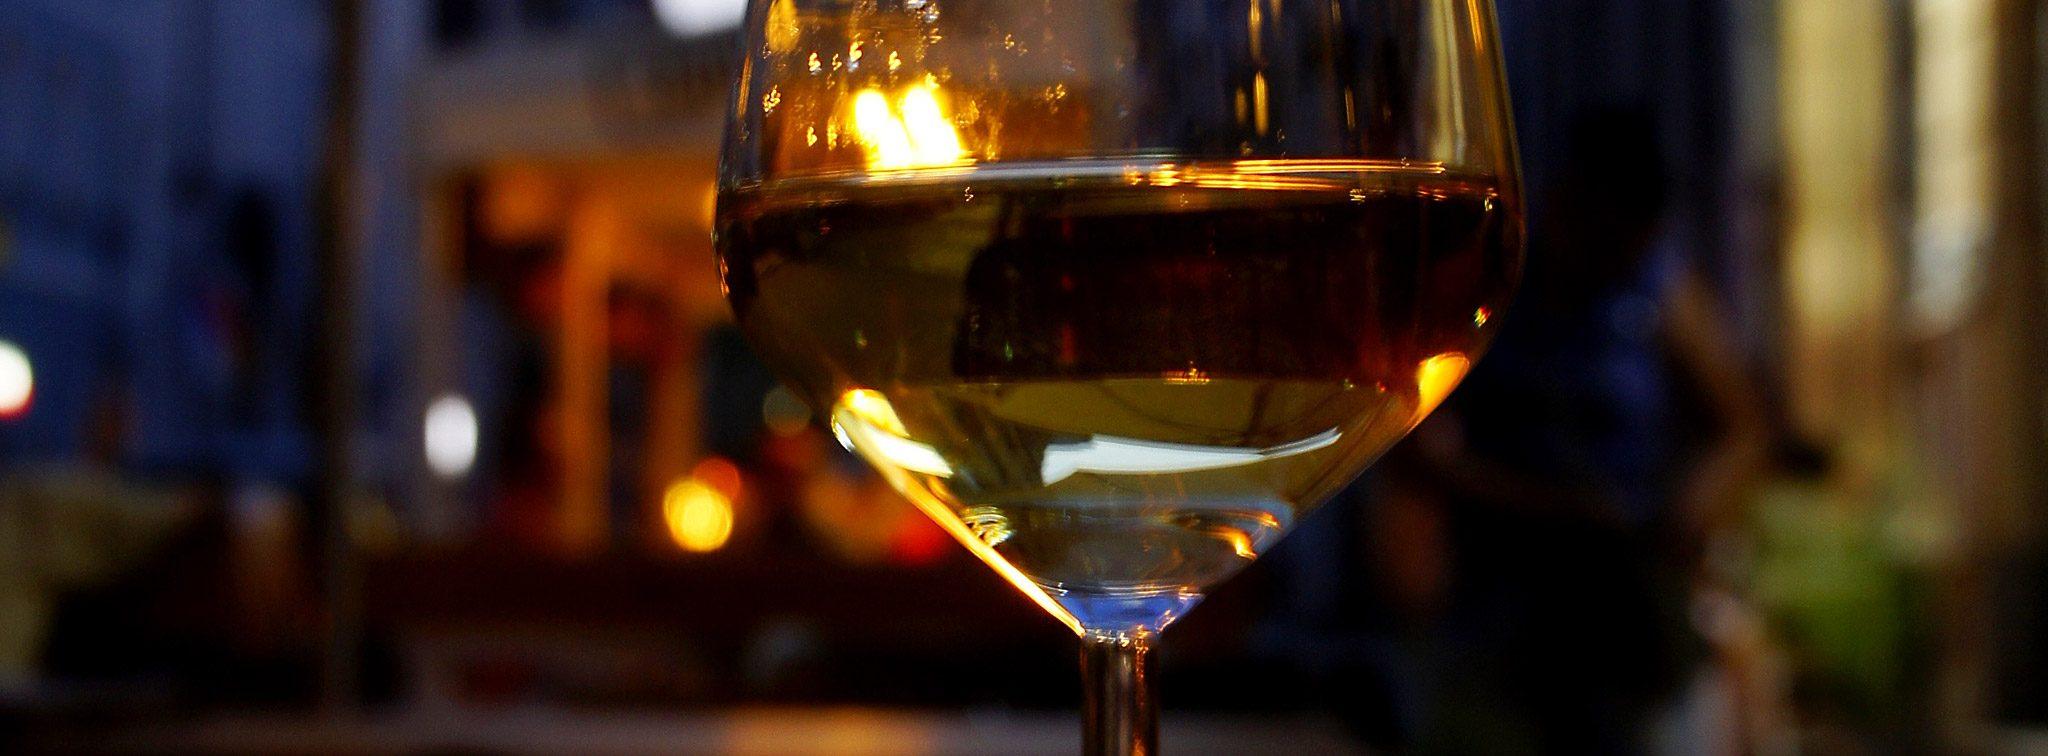 Wina białe i pomarańczowe